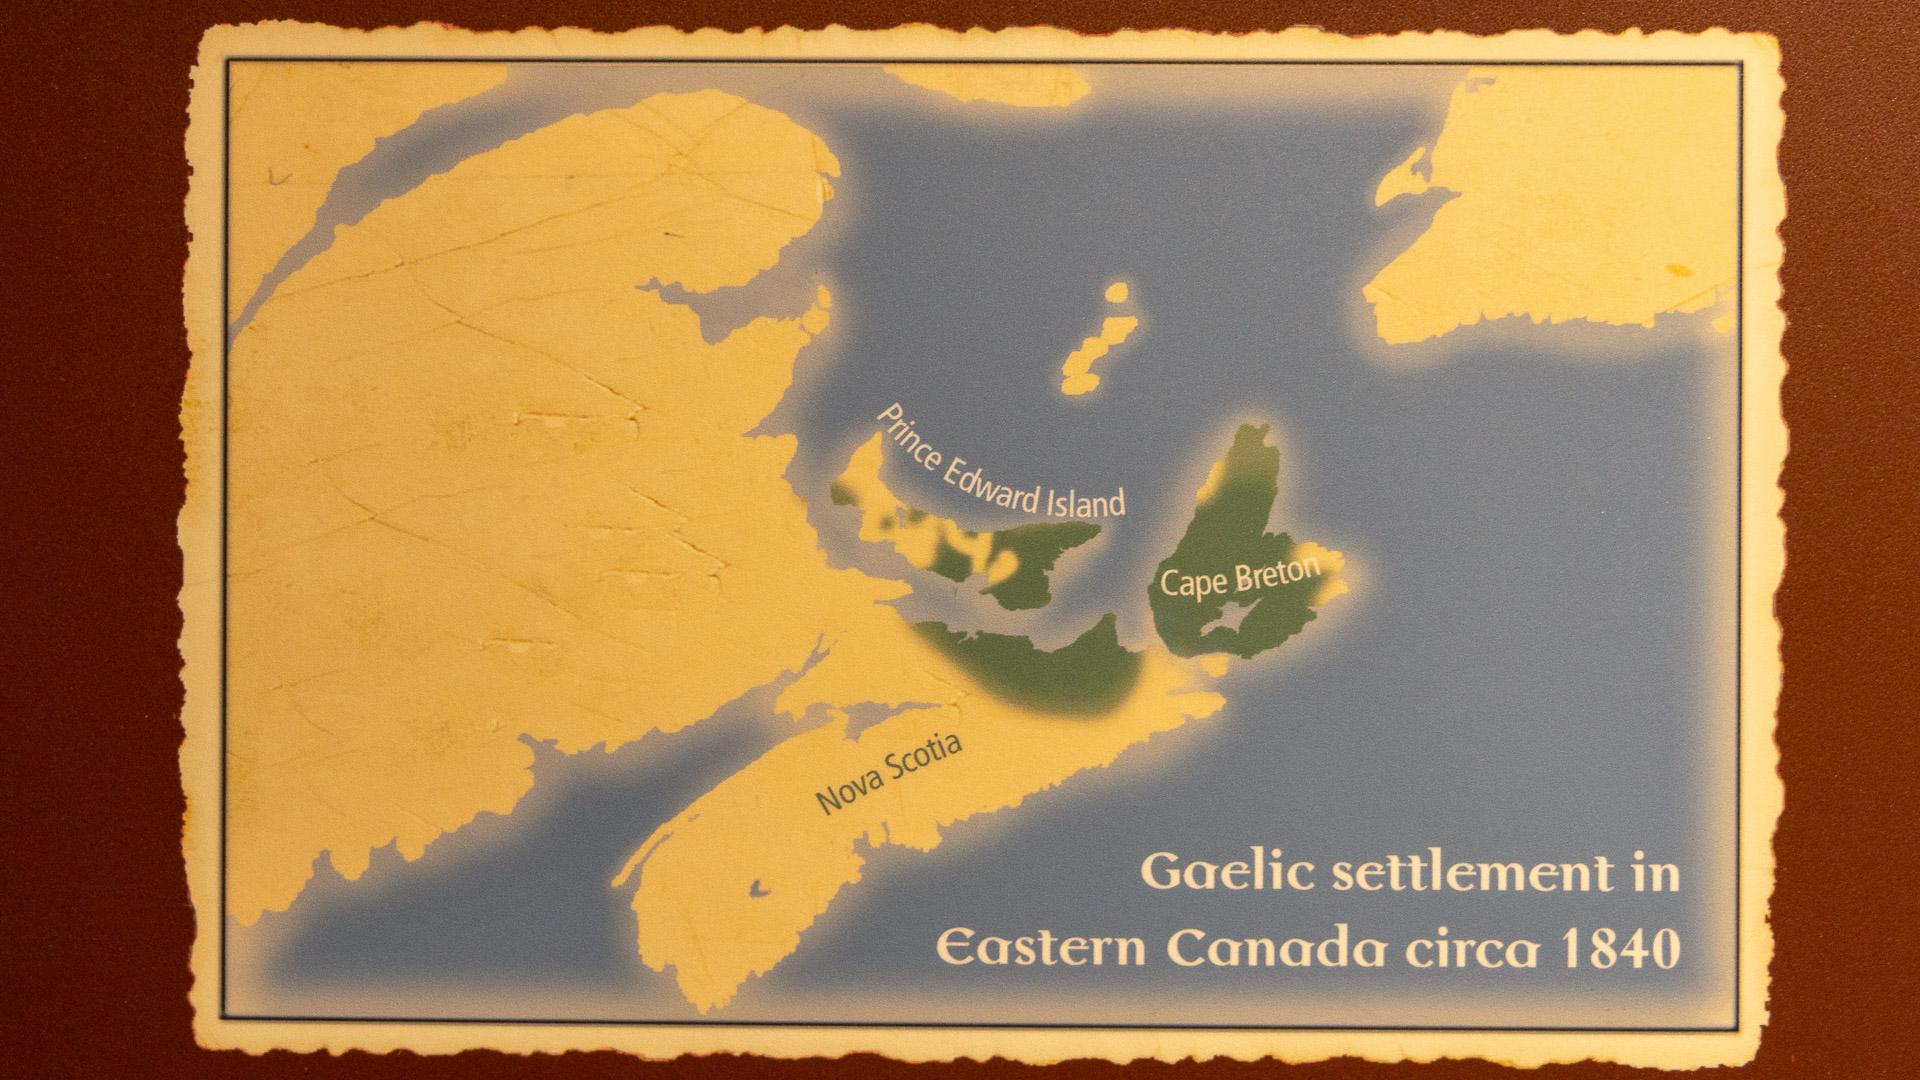 Verbreitung der Highlander in Nova Scotia um 1840